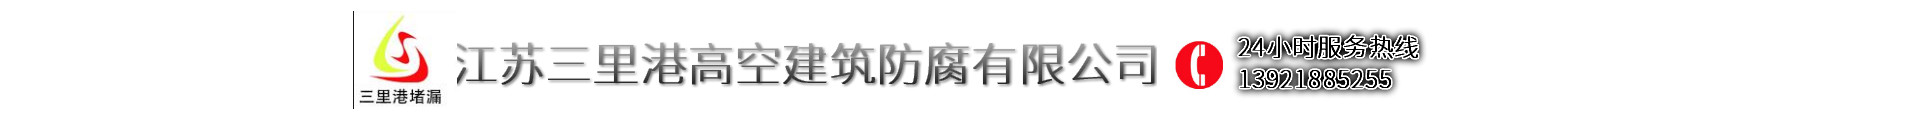 江蘇三里港高空建築防腐有限公司